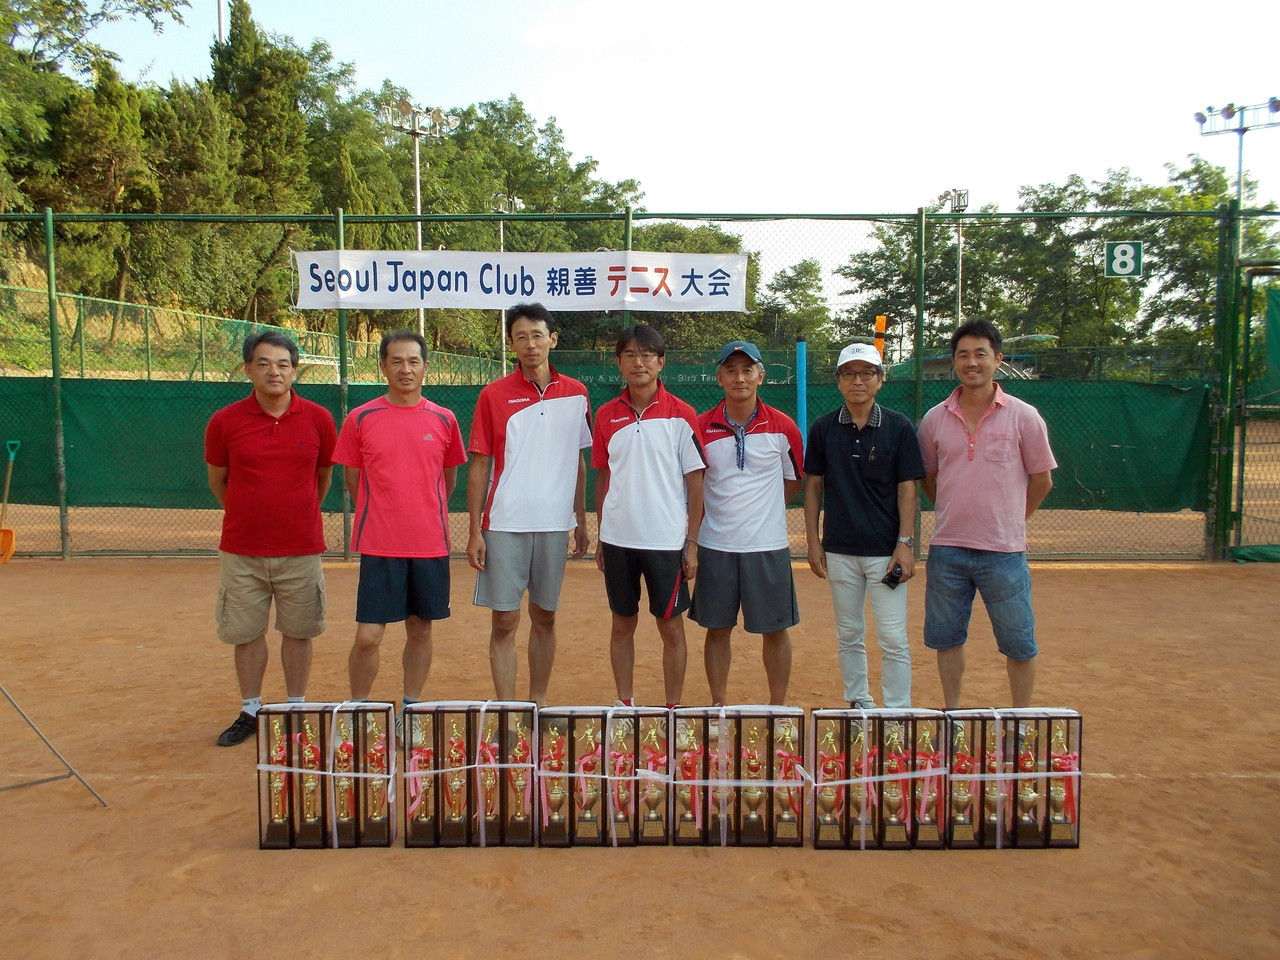 Bチーム 準優勝おめでとうございます。